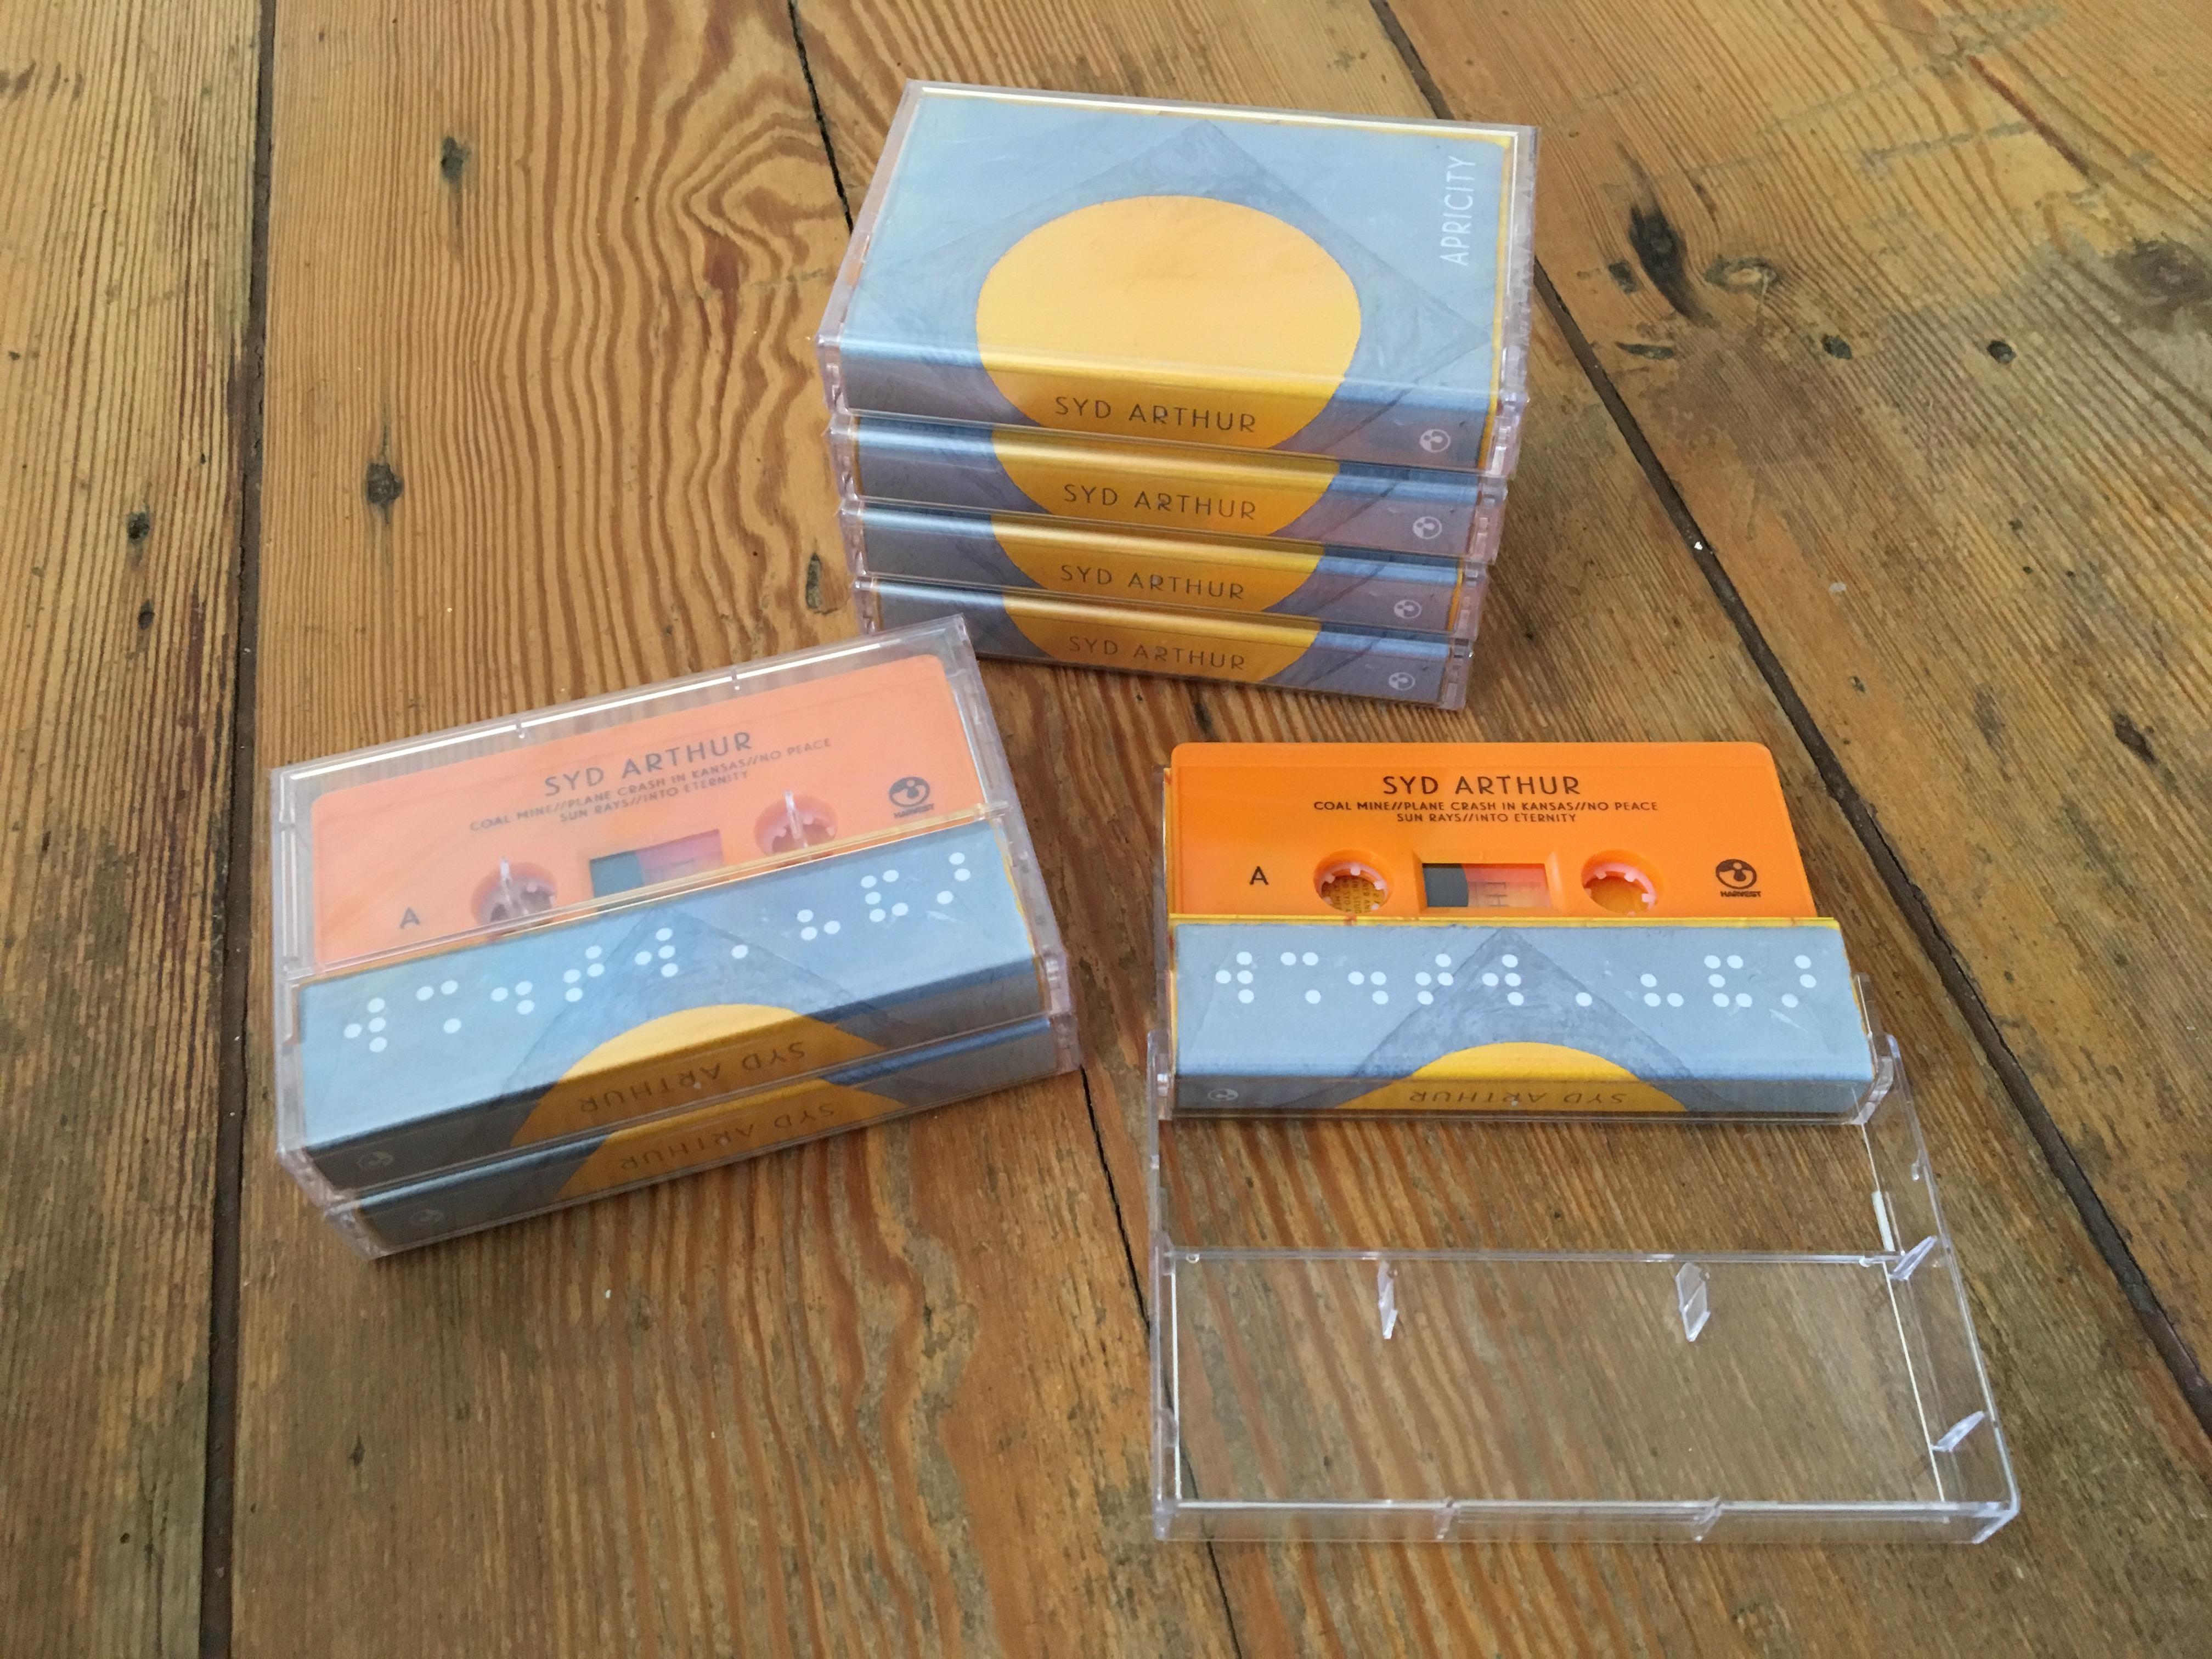 Apricity Cassette - Syd Arthur